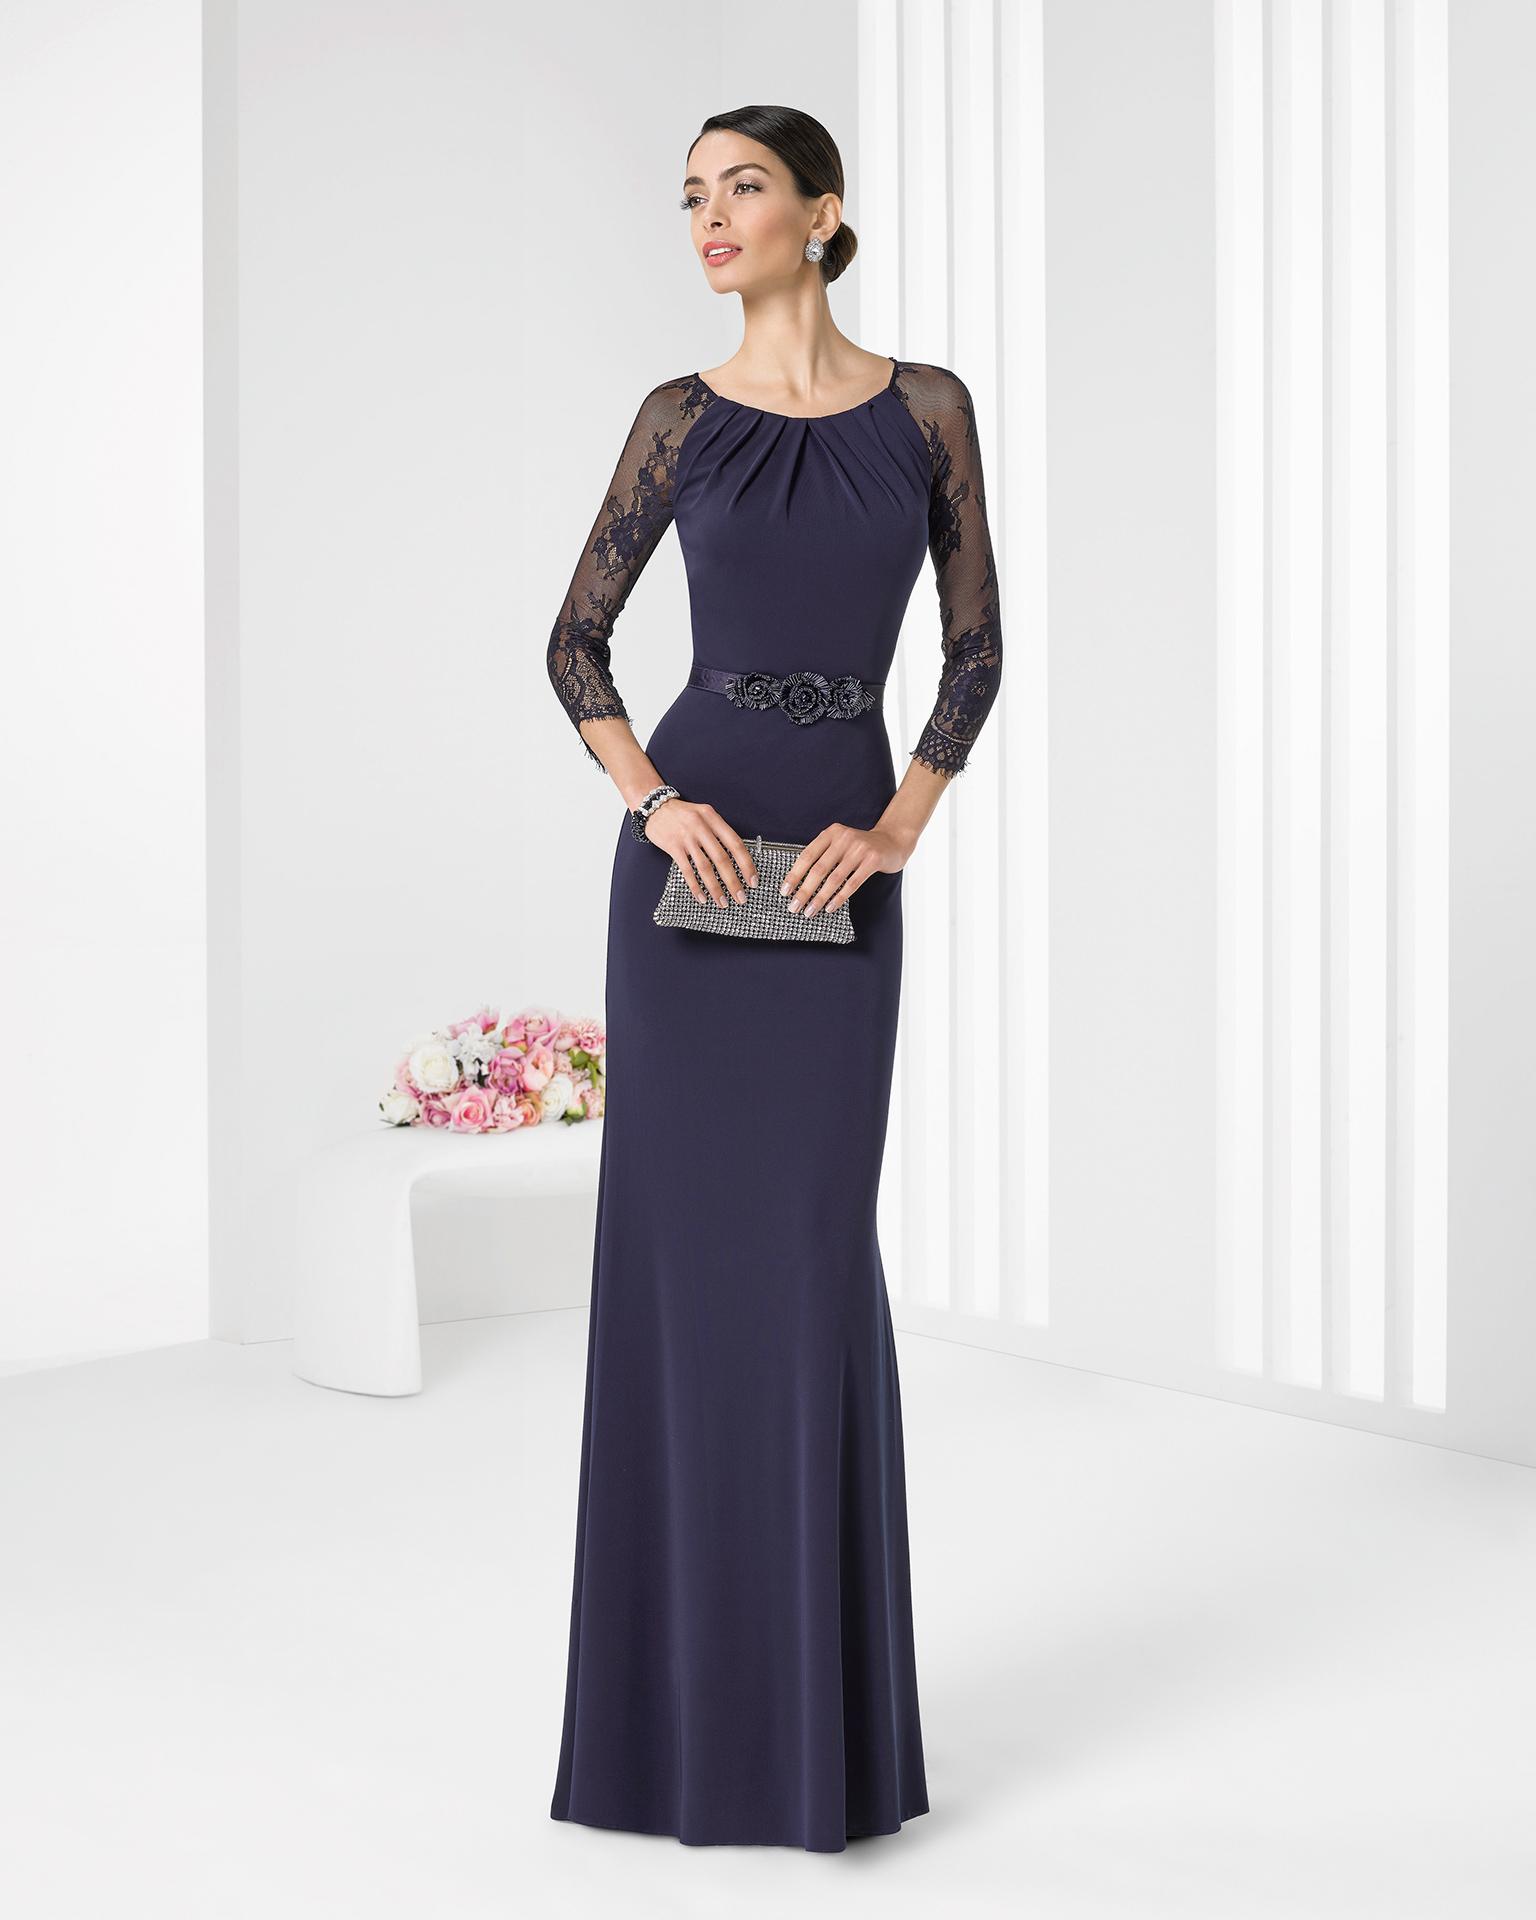 Azul marino para un vestido con mangas de transparencias